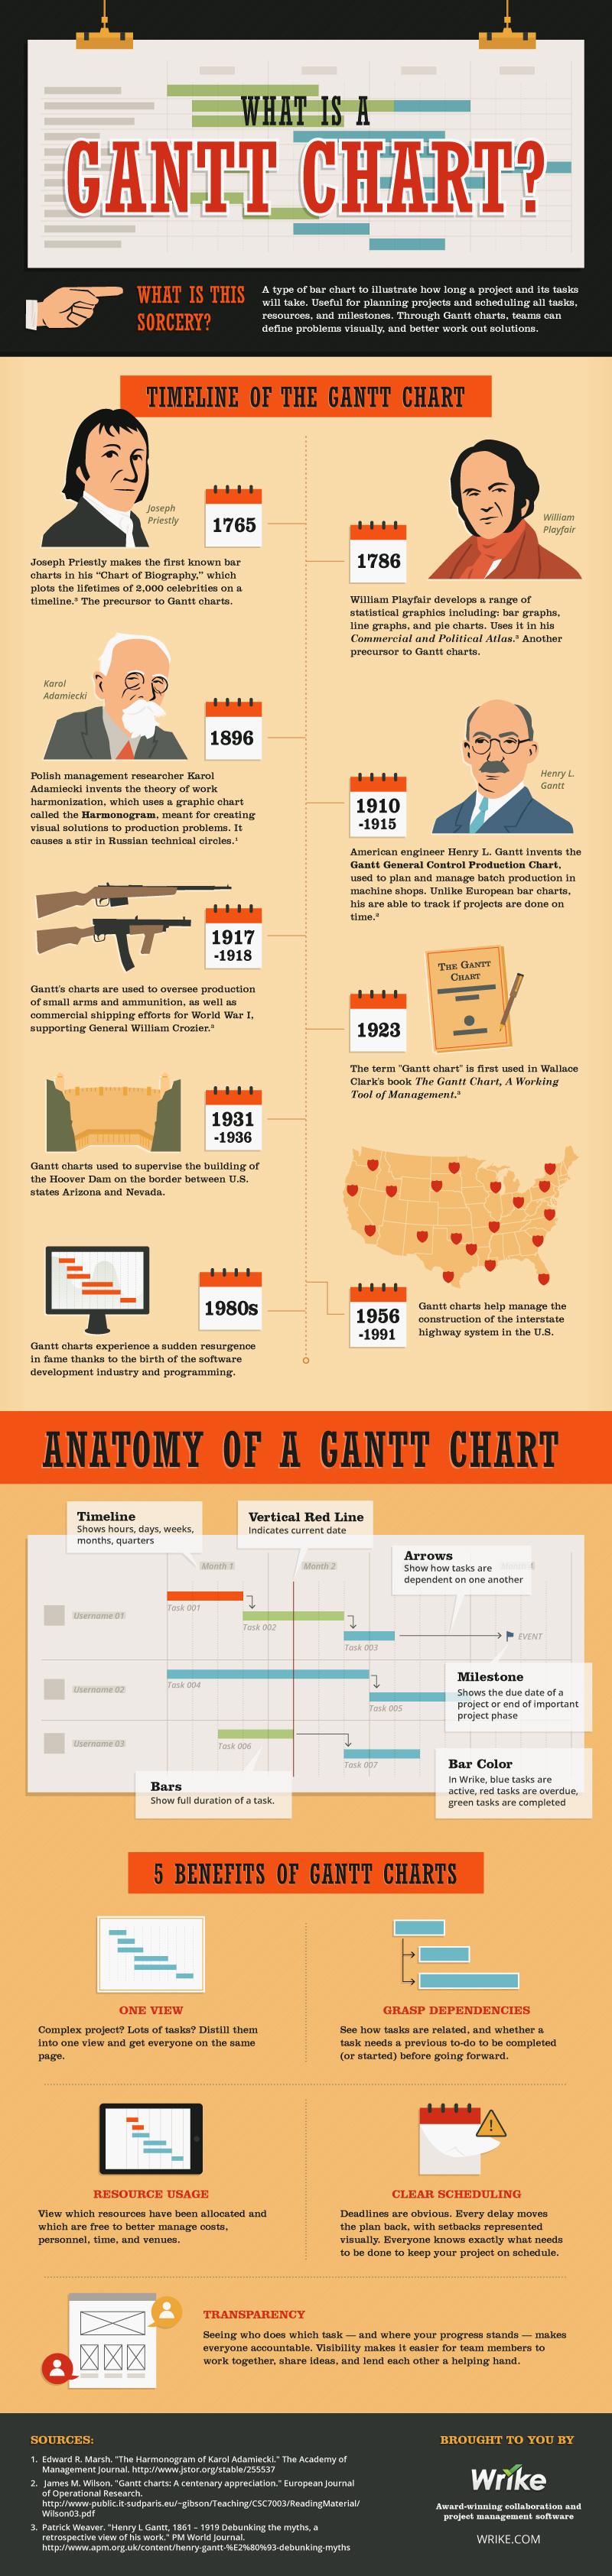 What Is a Gantt Chart?